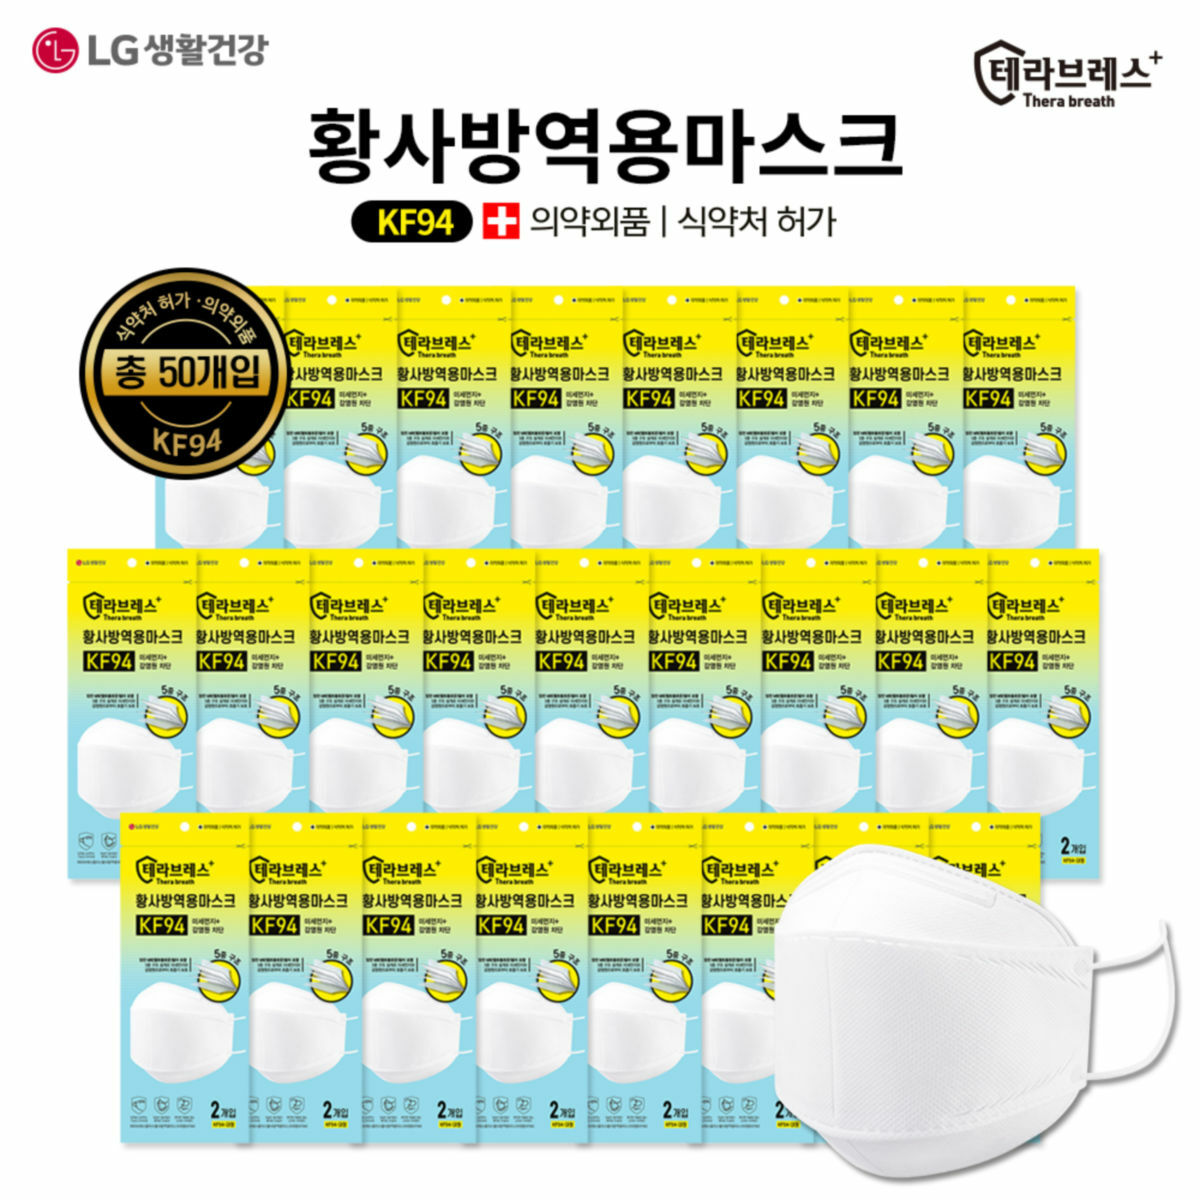 [신세계TV쇼핑](LG생활건강)테라브레스 플러스 KF94 5중 마스크 50매